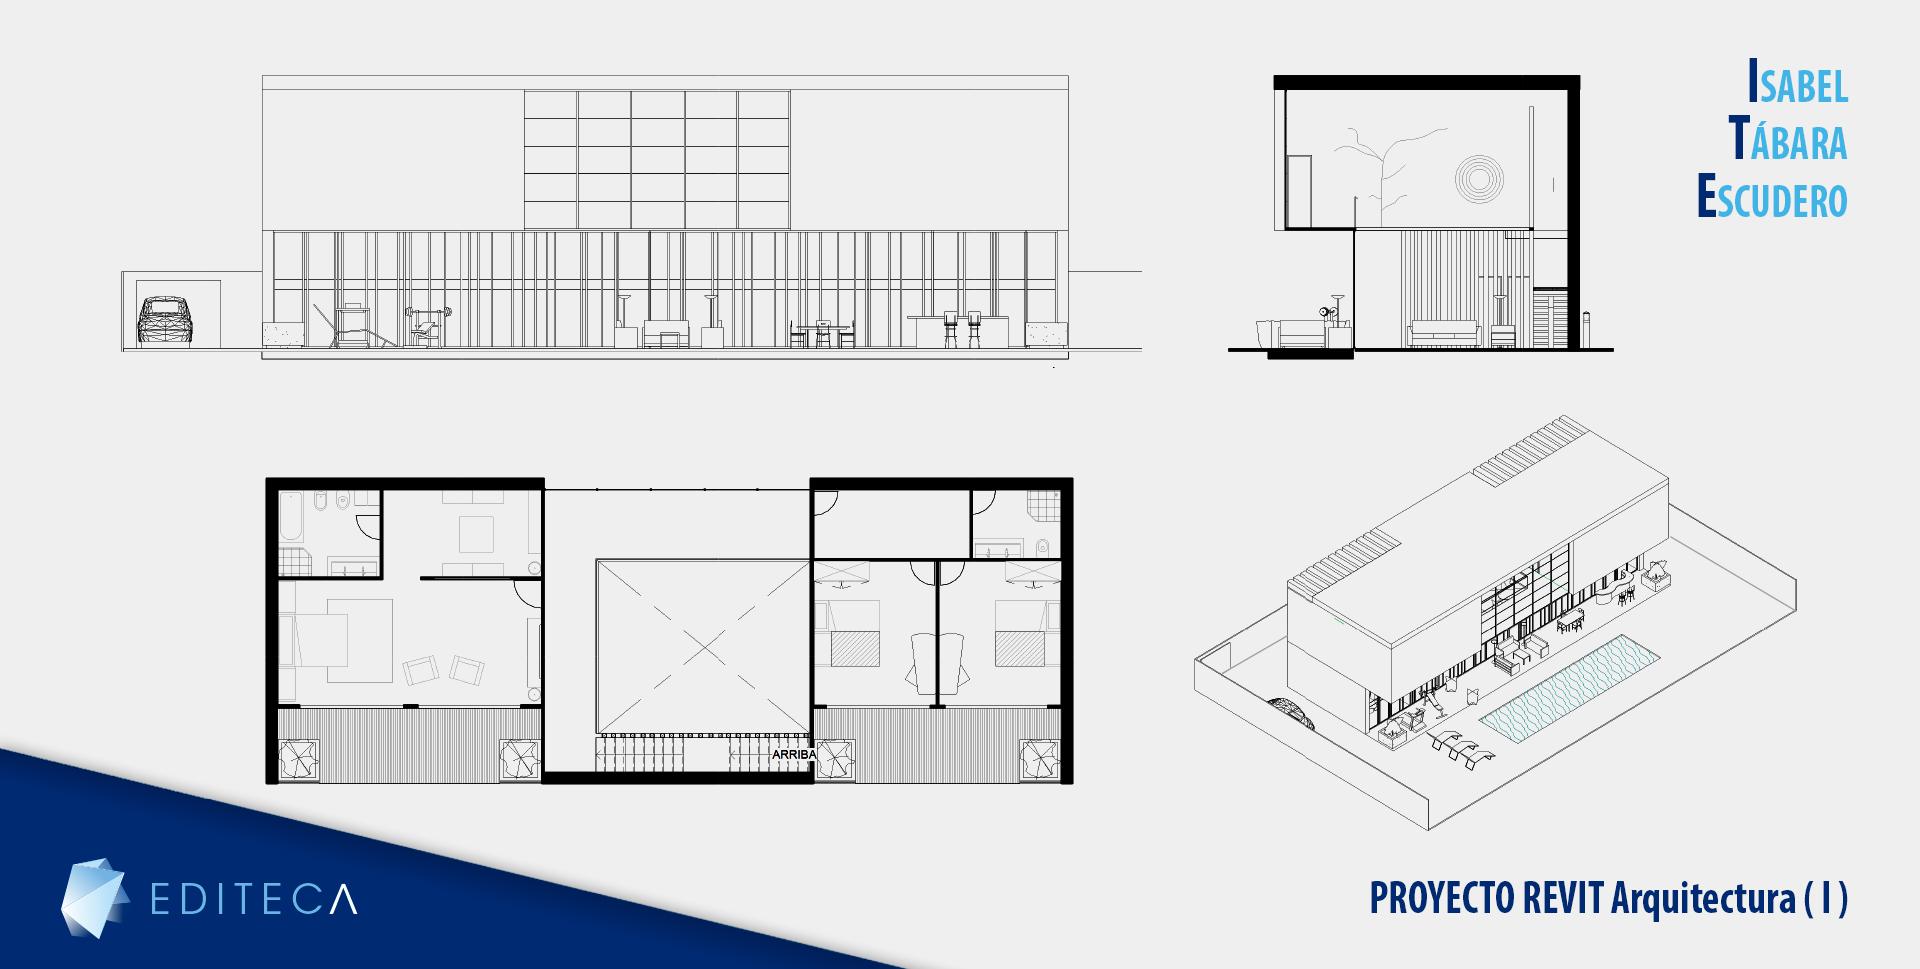 proyecto Curso de revit arquitectura básico - Isabel